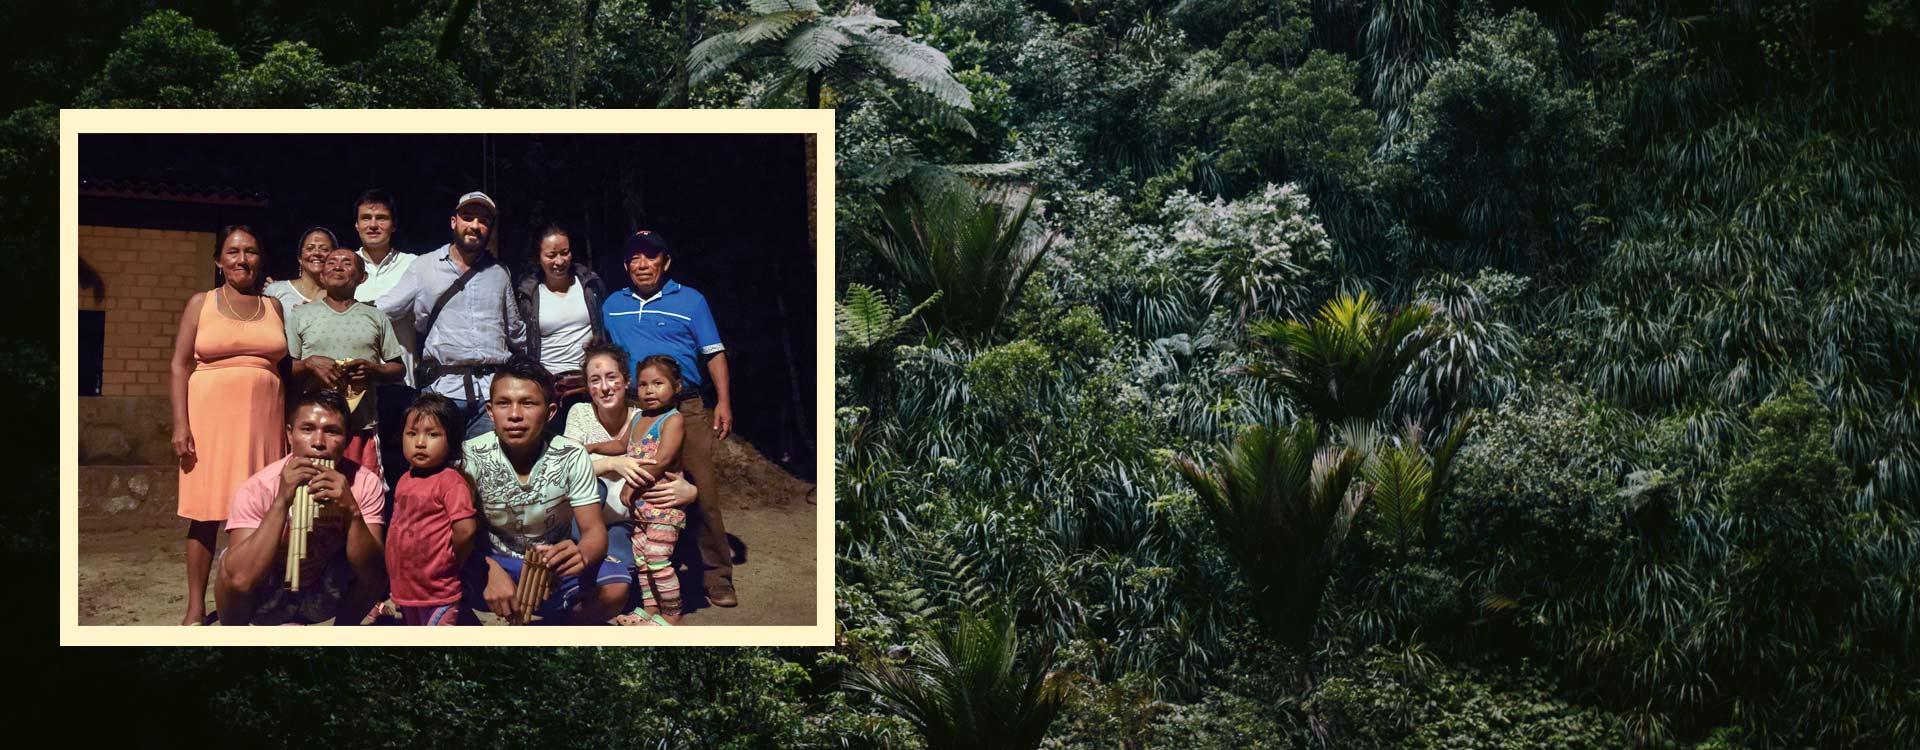 Retrato de estudiantes de Los Andes con una comunidad Indígena. De fondo plantas silvestres.